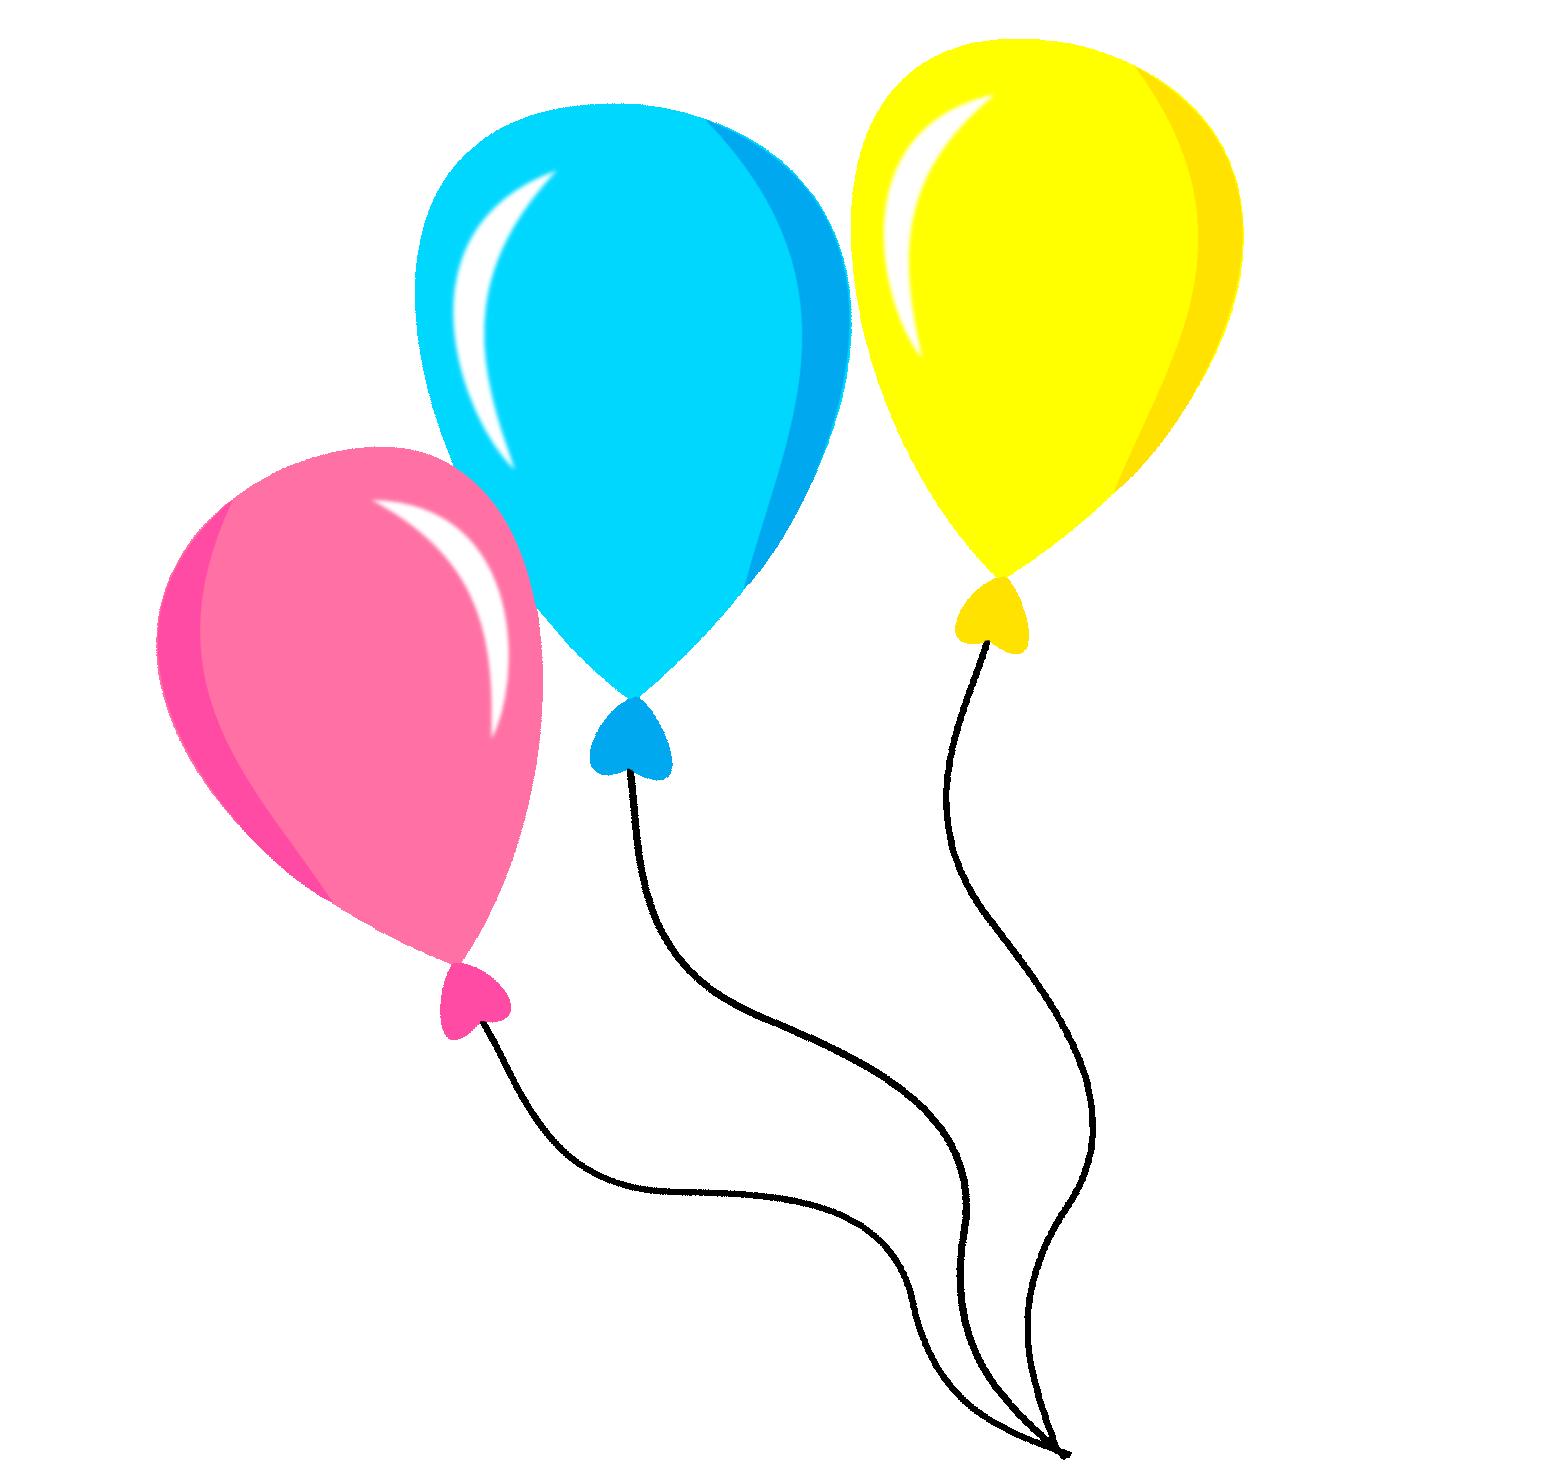 Bal es circo montando. Clipart balloon chalkboard